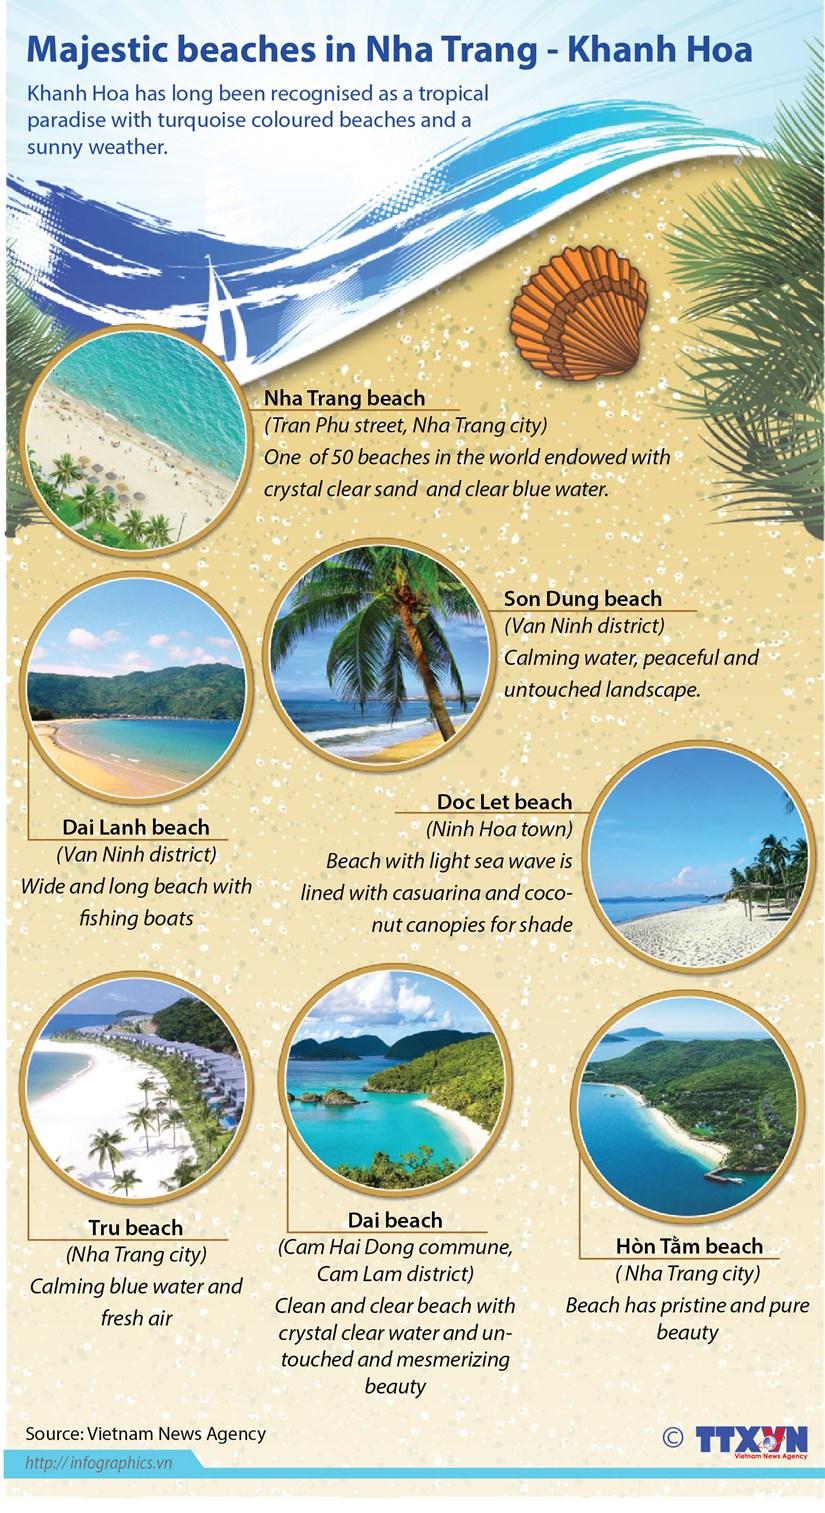 Majestic beaches in Nha Trang - Khanh Hoa hinh anh 1